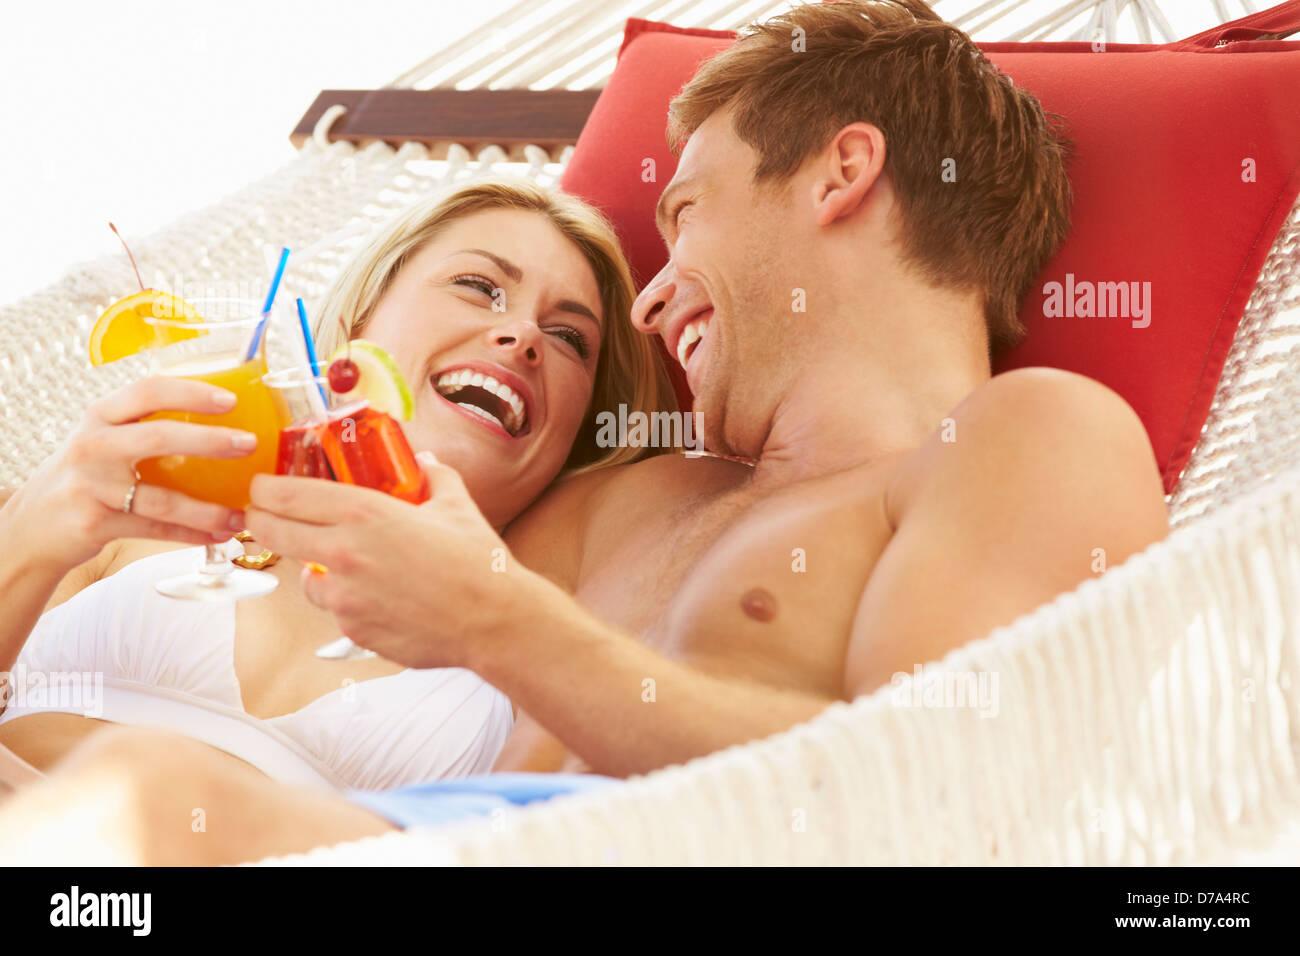 Coppia romantica rilassante in spiaggia amaca Immagini Stock